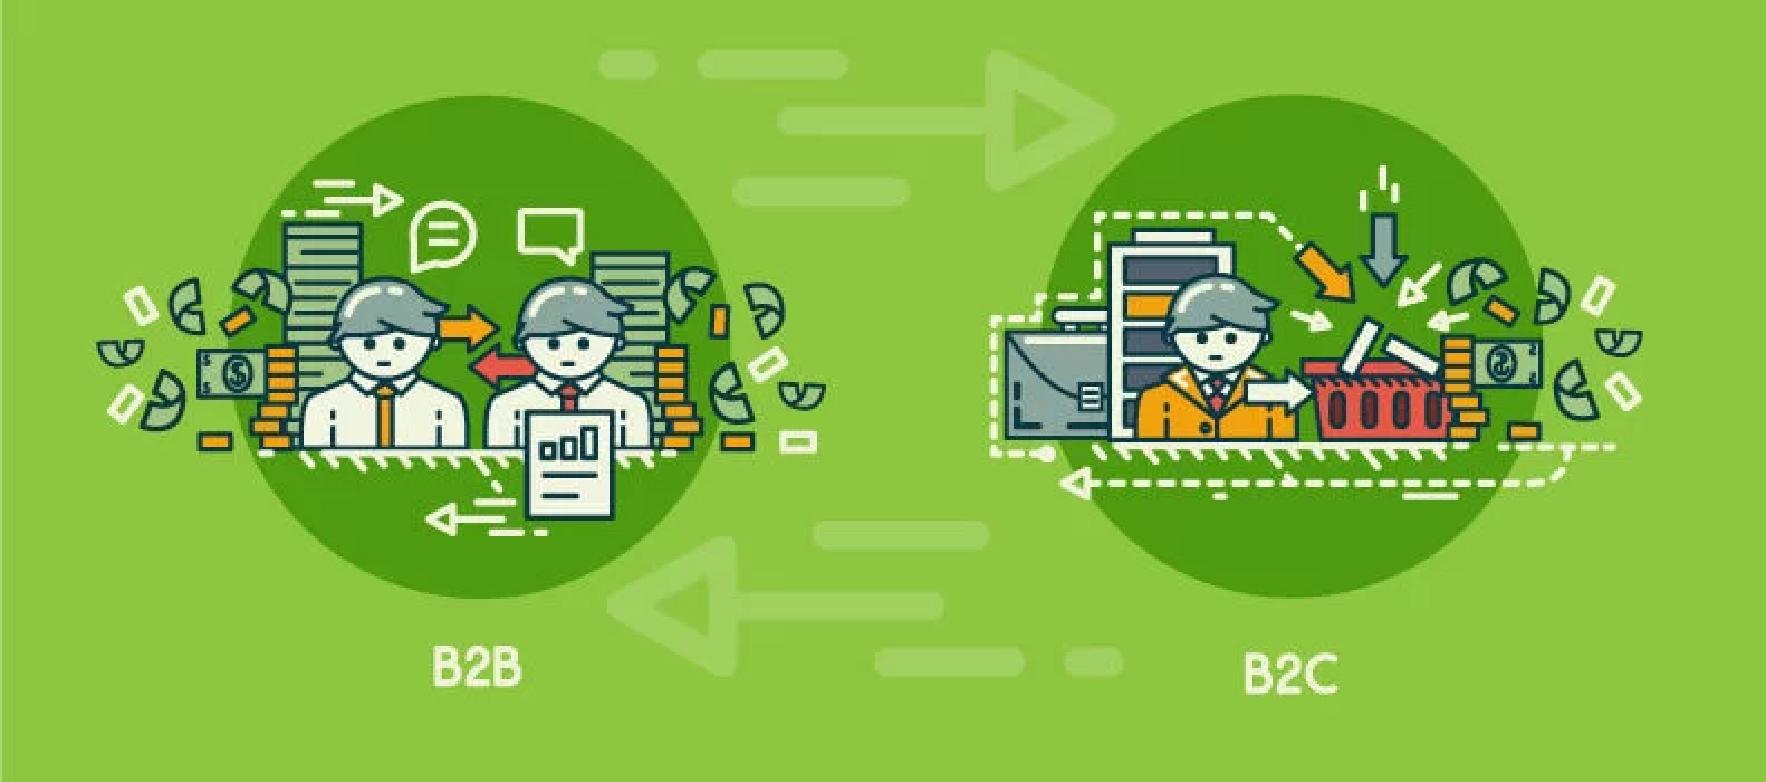 ۱۰ تفاوت میان بازاریابی B2B و B2C